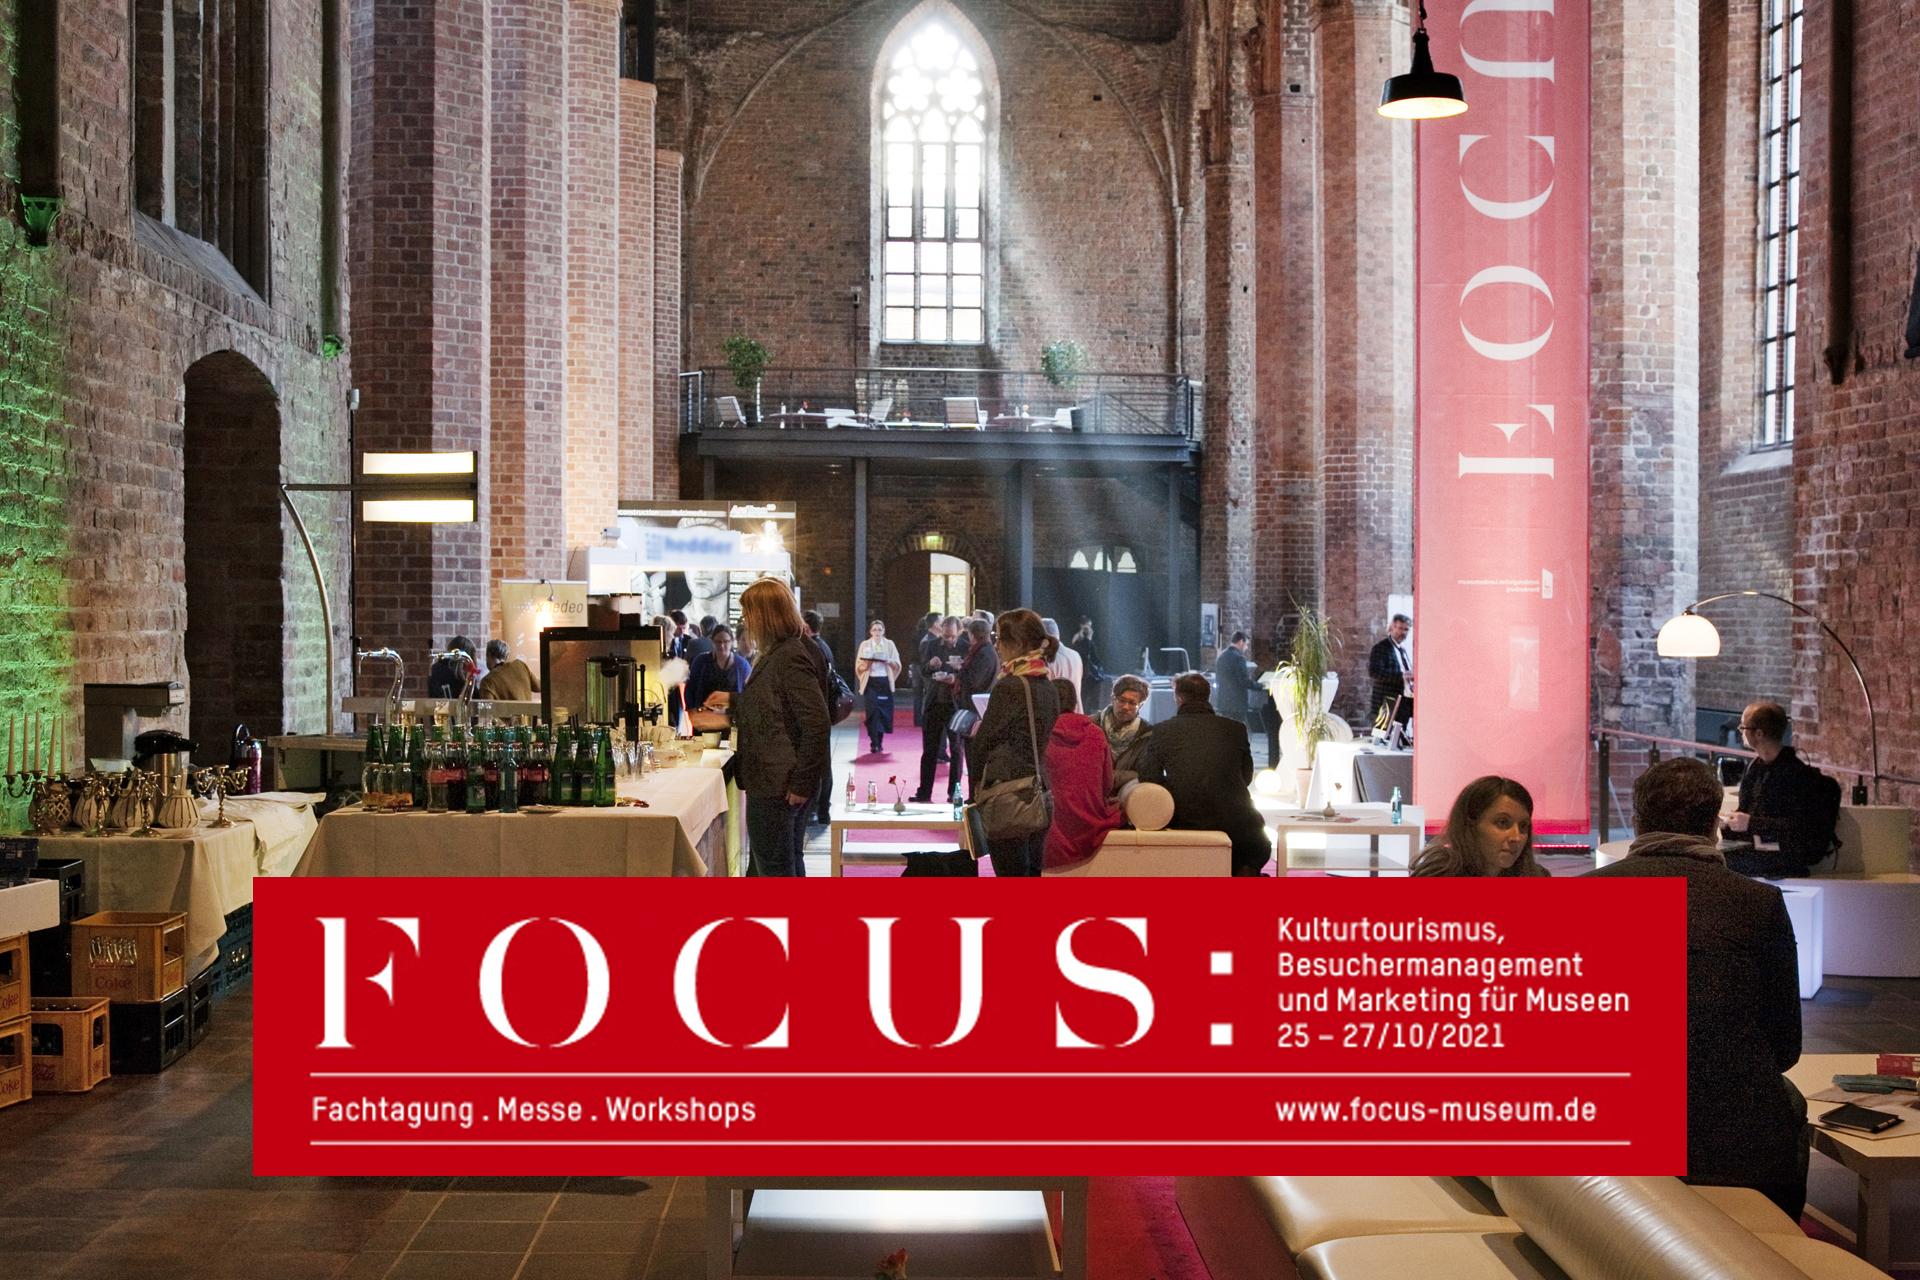 Visit us at the FOCUS in Brandenburg in 2021!